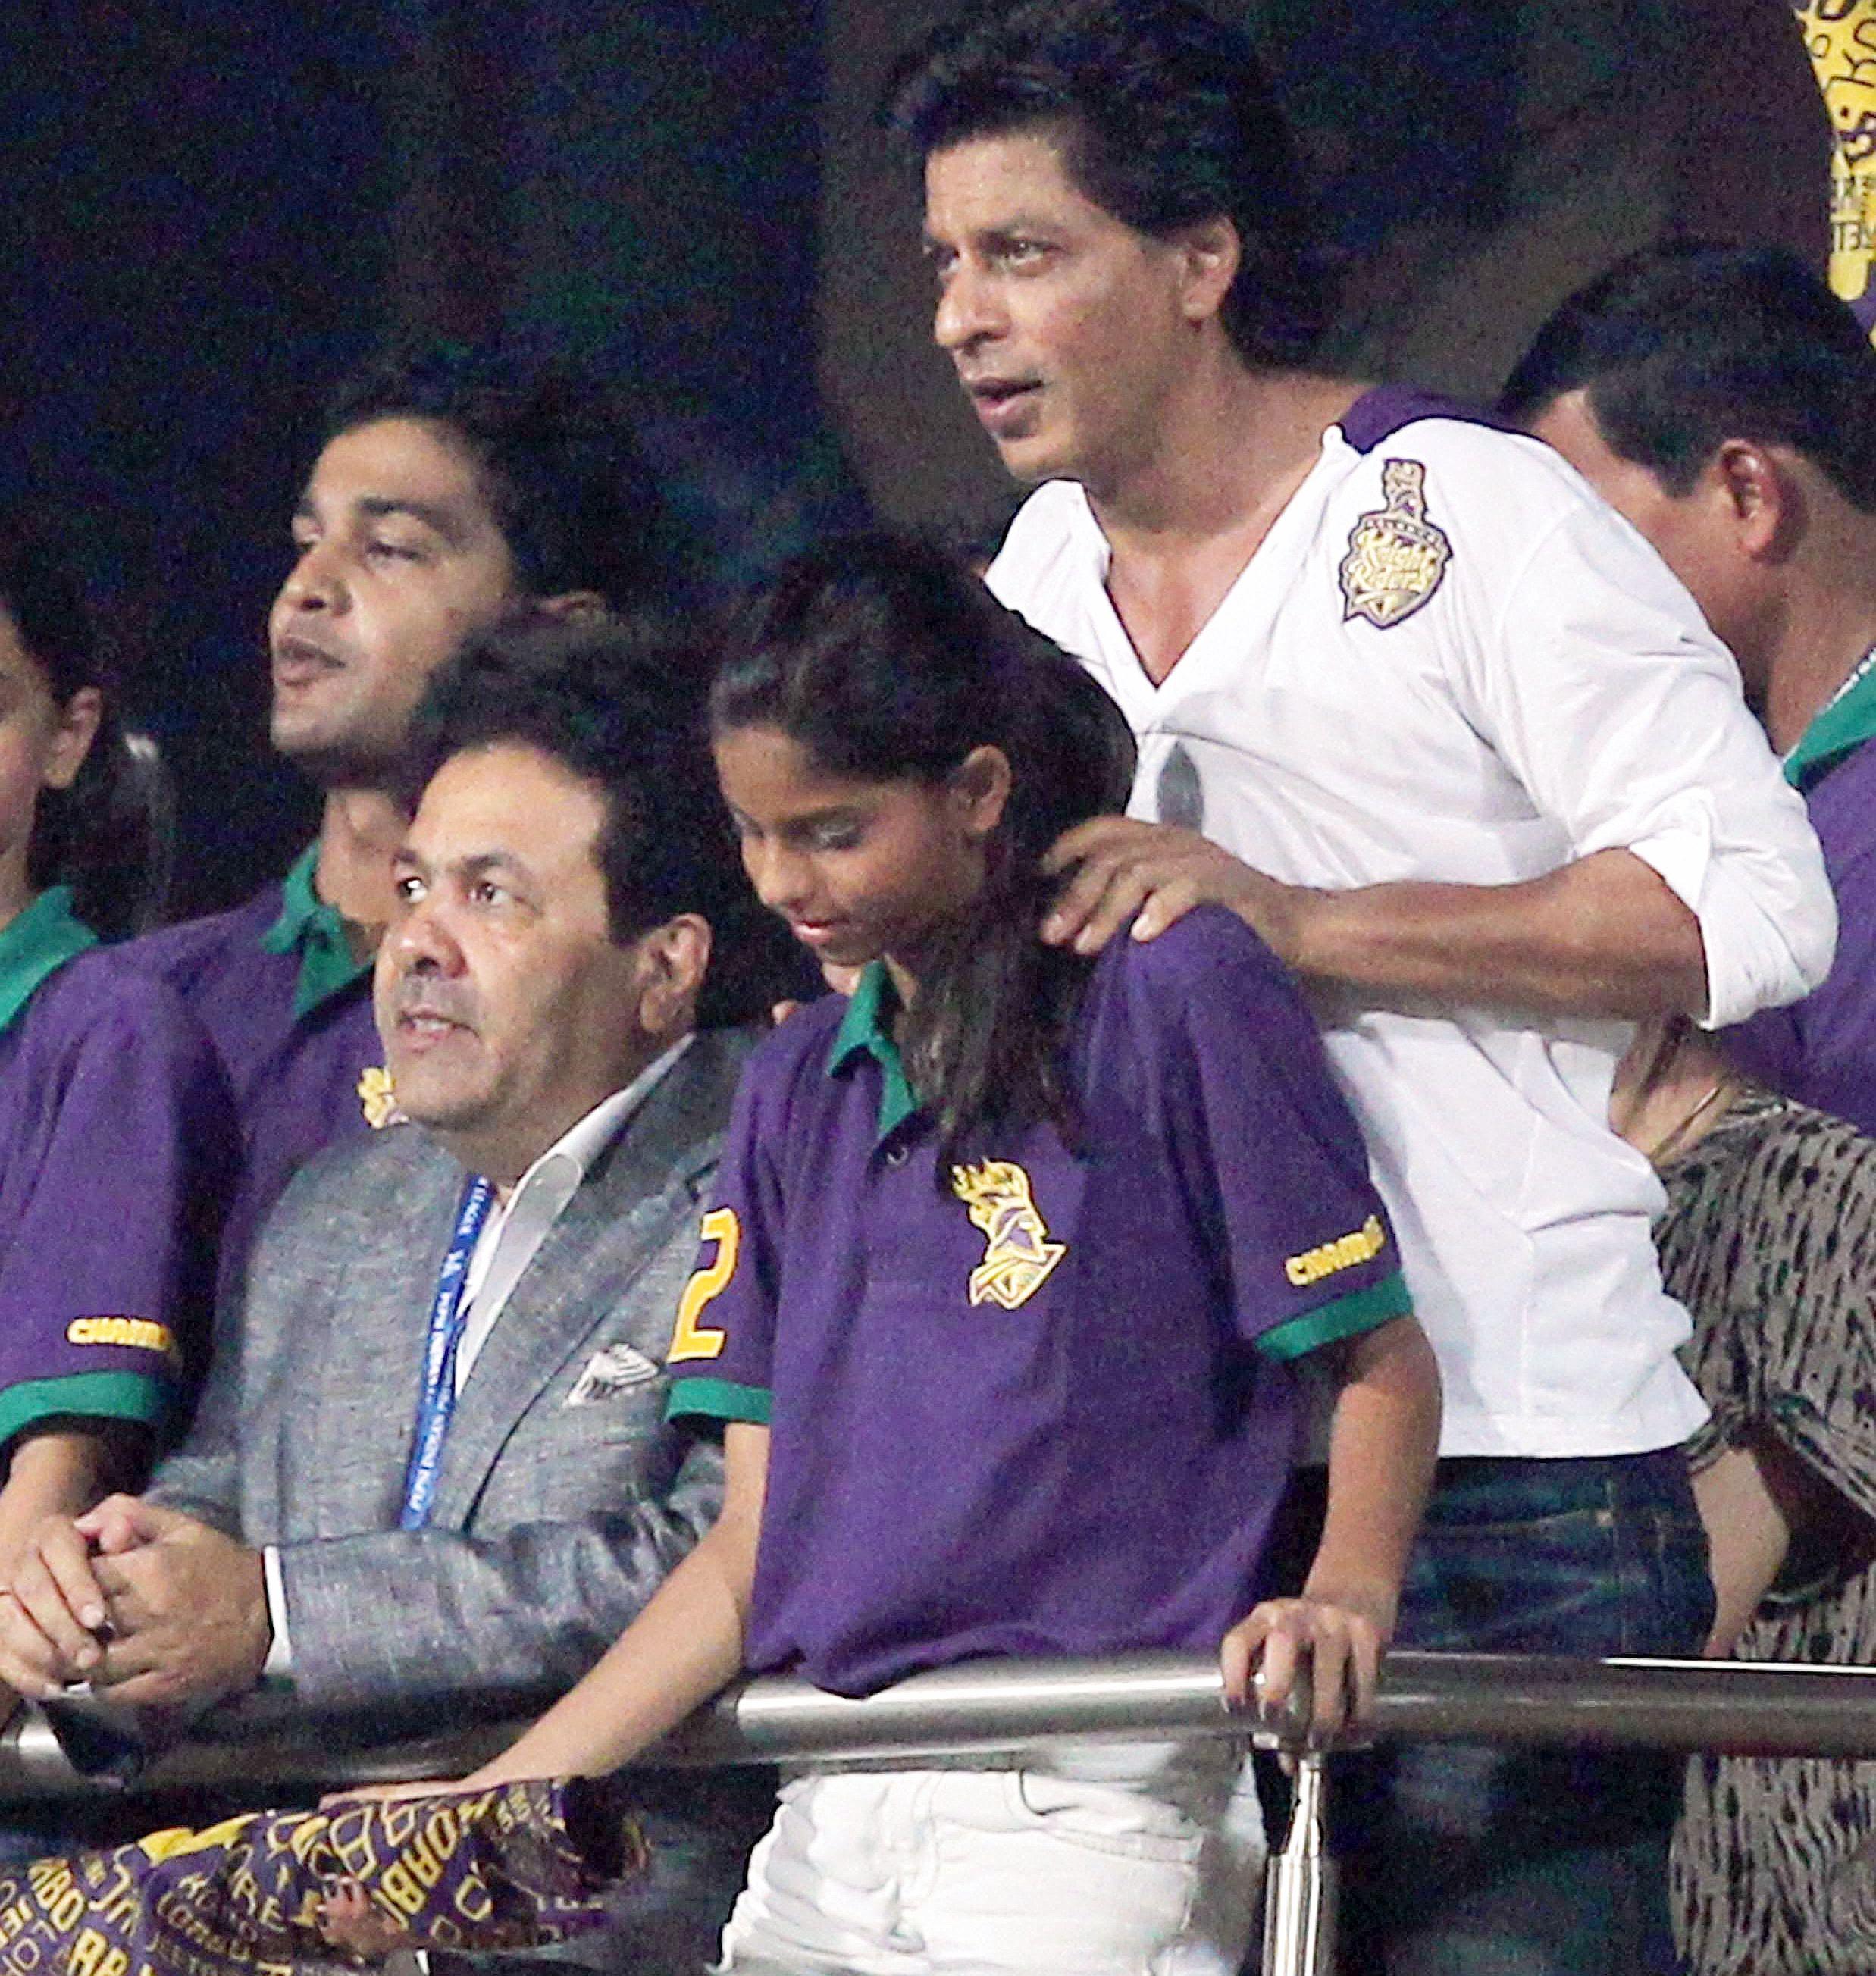 Shah Rukh Khan and Rajeev Shukla